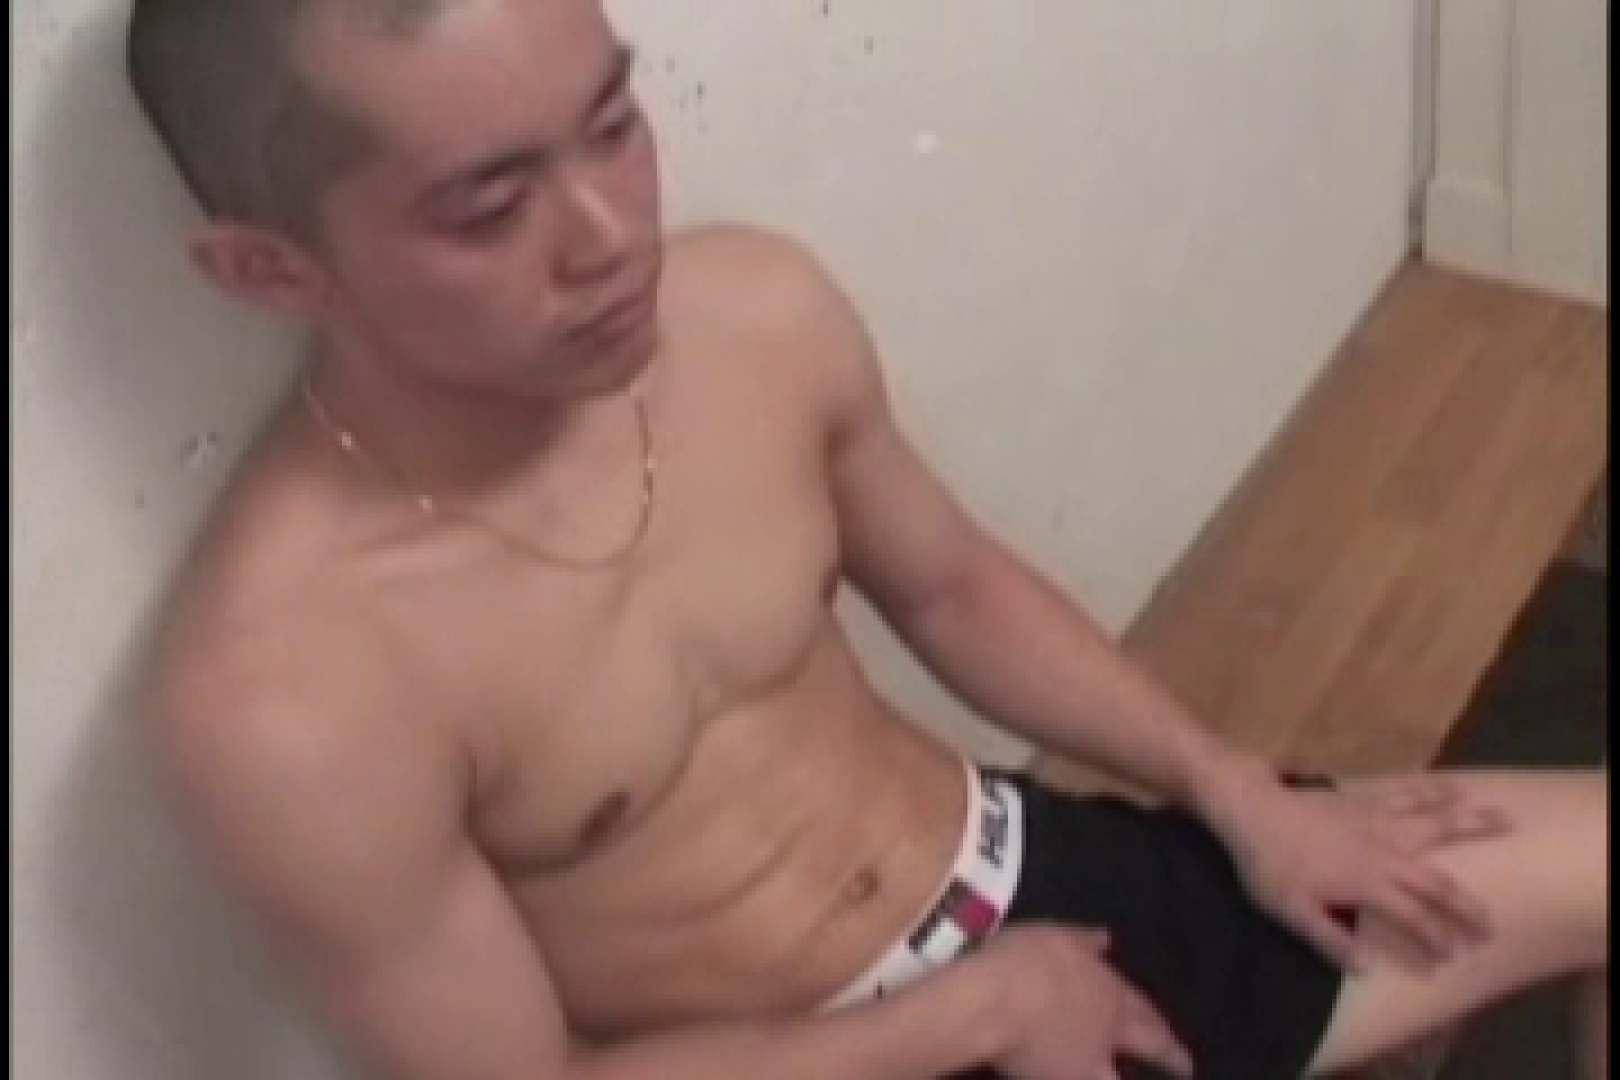 スリ筋!!スポメンのDANKON最高!!take.02 イメージ(裸)   射精動画 ゲイエロ画像 9連発 1